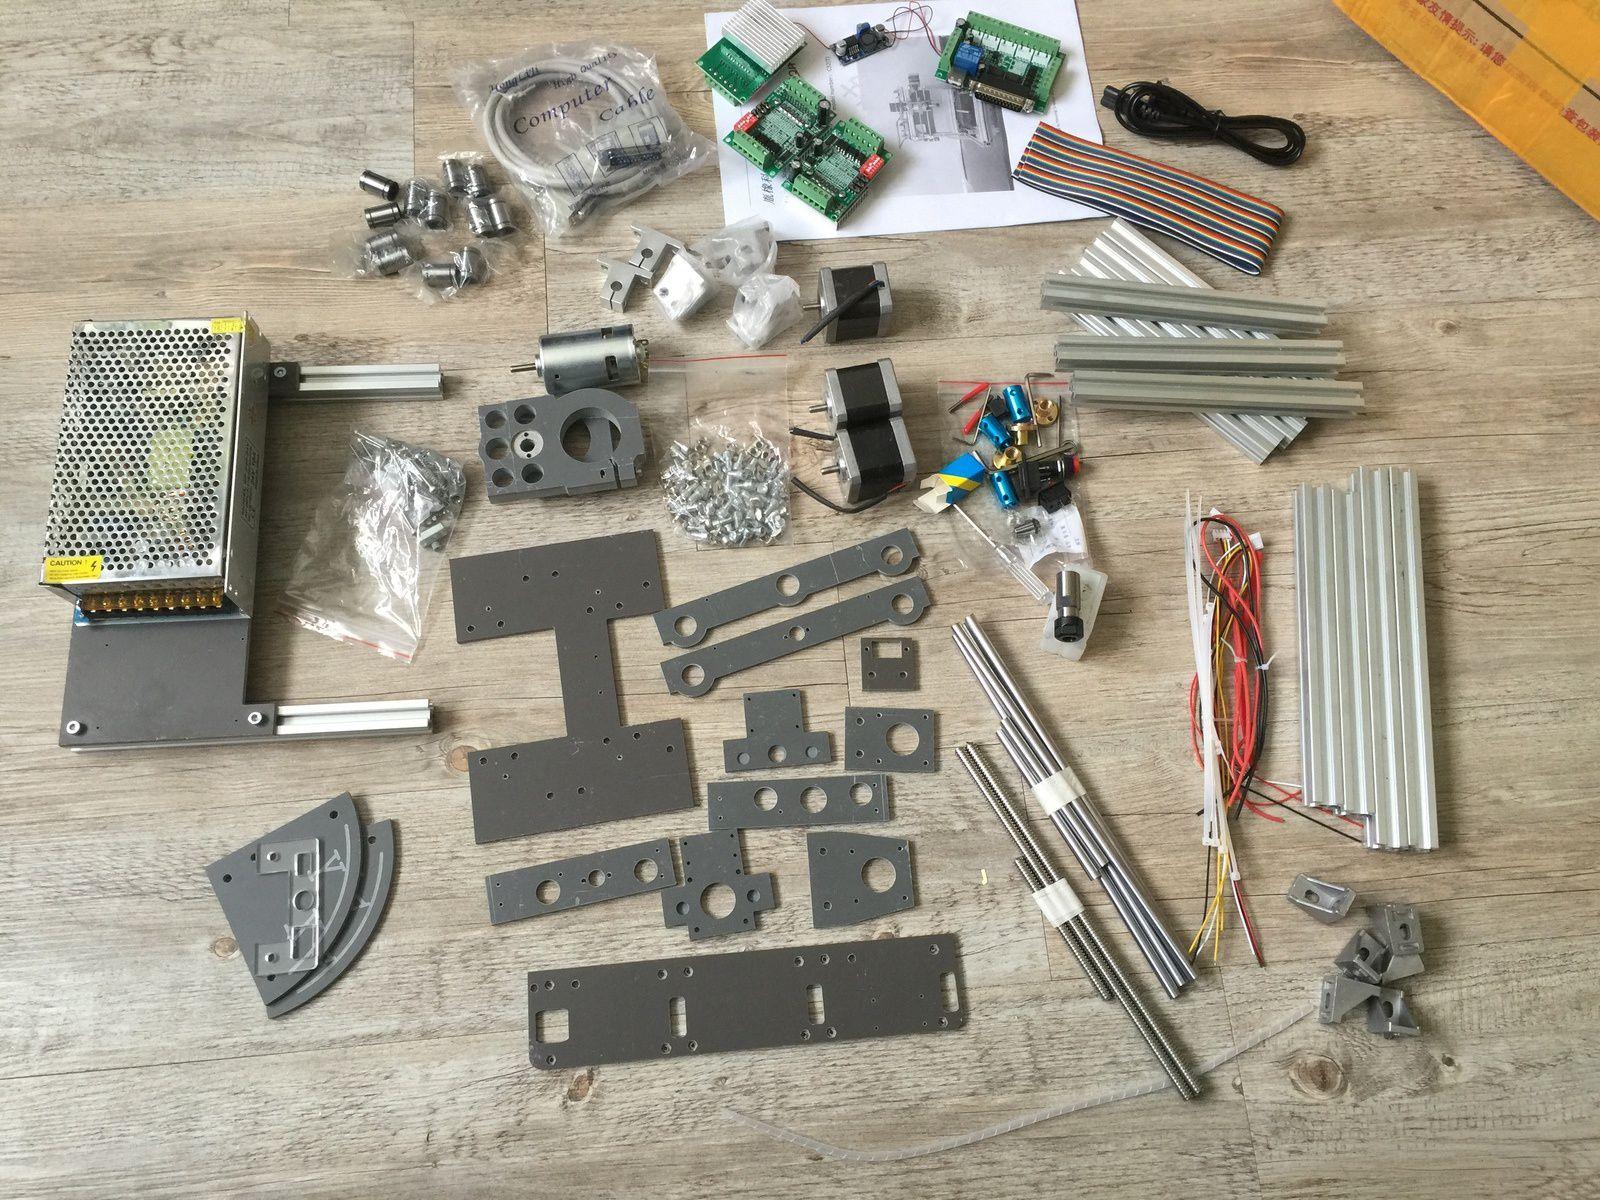 Le kit déballé (remarquer l'alimentation 24V 10A)